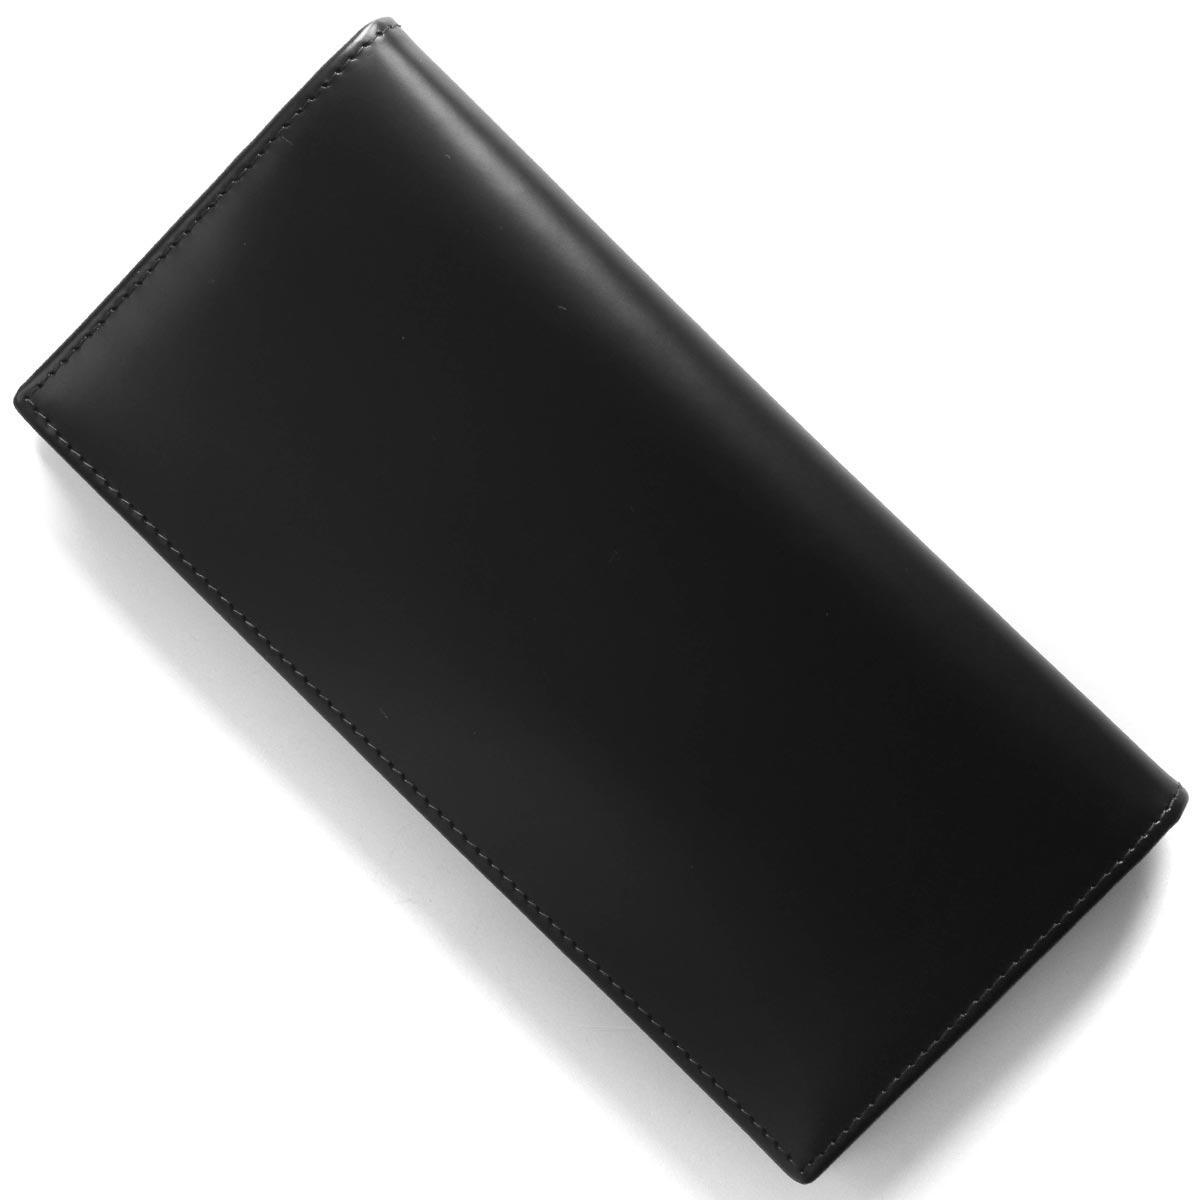 エッティンガー 長財布 財布 メンズ ブライドル ブラック&パネルハイドイエロー 953AEJR BH BALCK ETTINGER